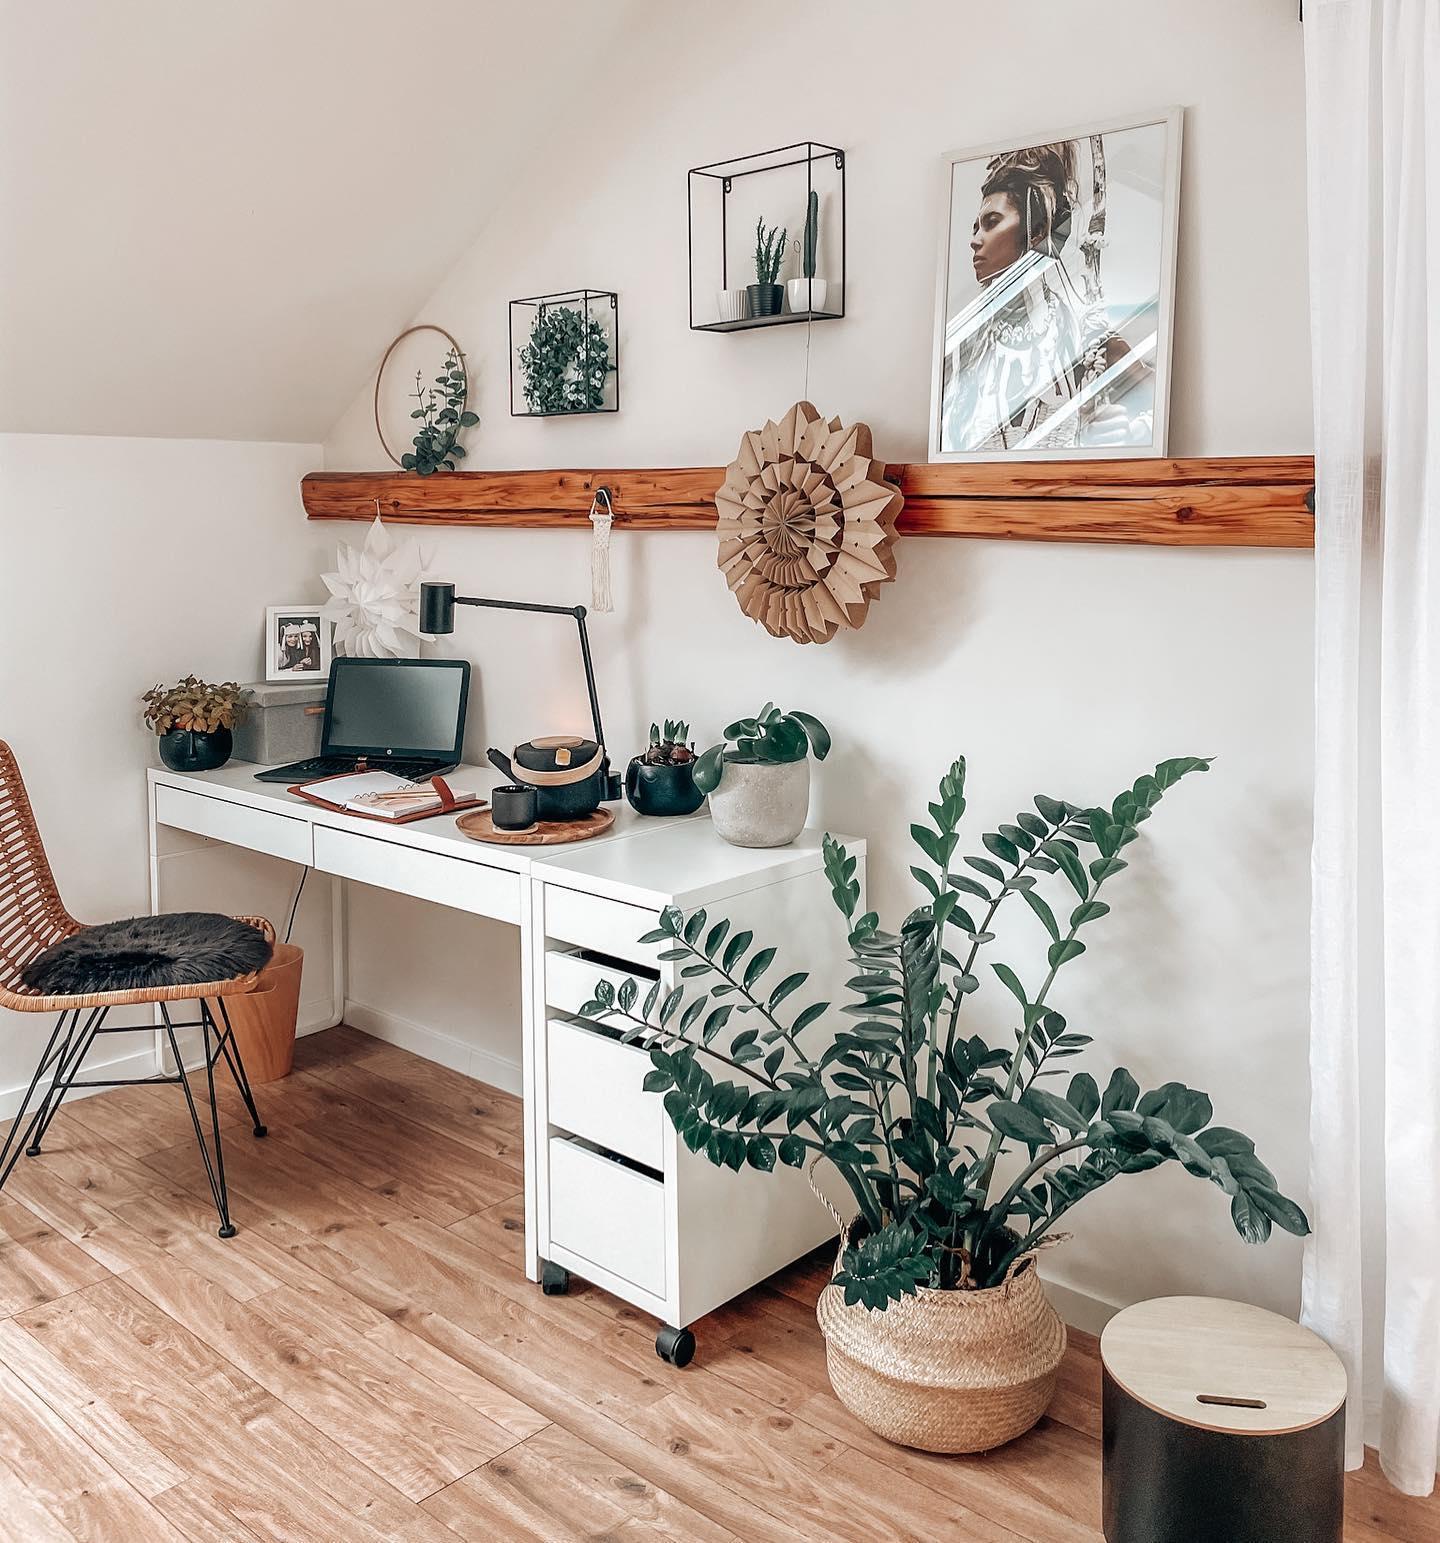 Kącik z białym biurkiem i brązowym krzesłem na poddaszu z fikusem w koszu z trawy morskiej